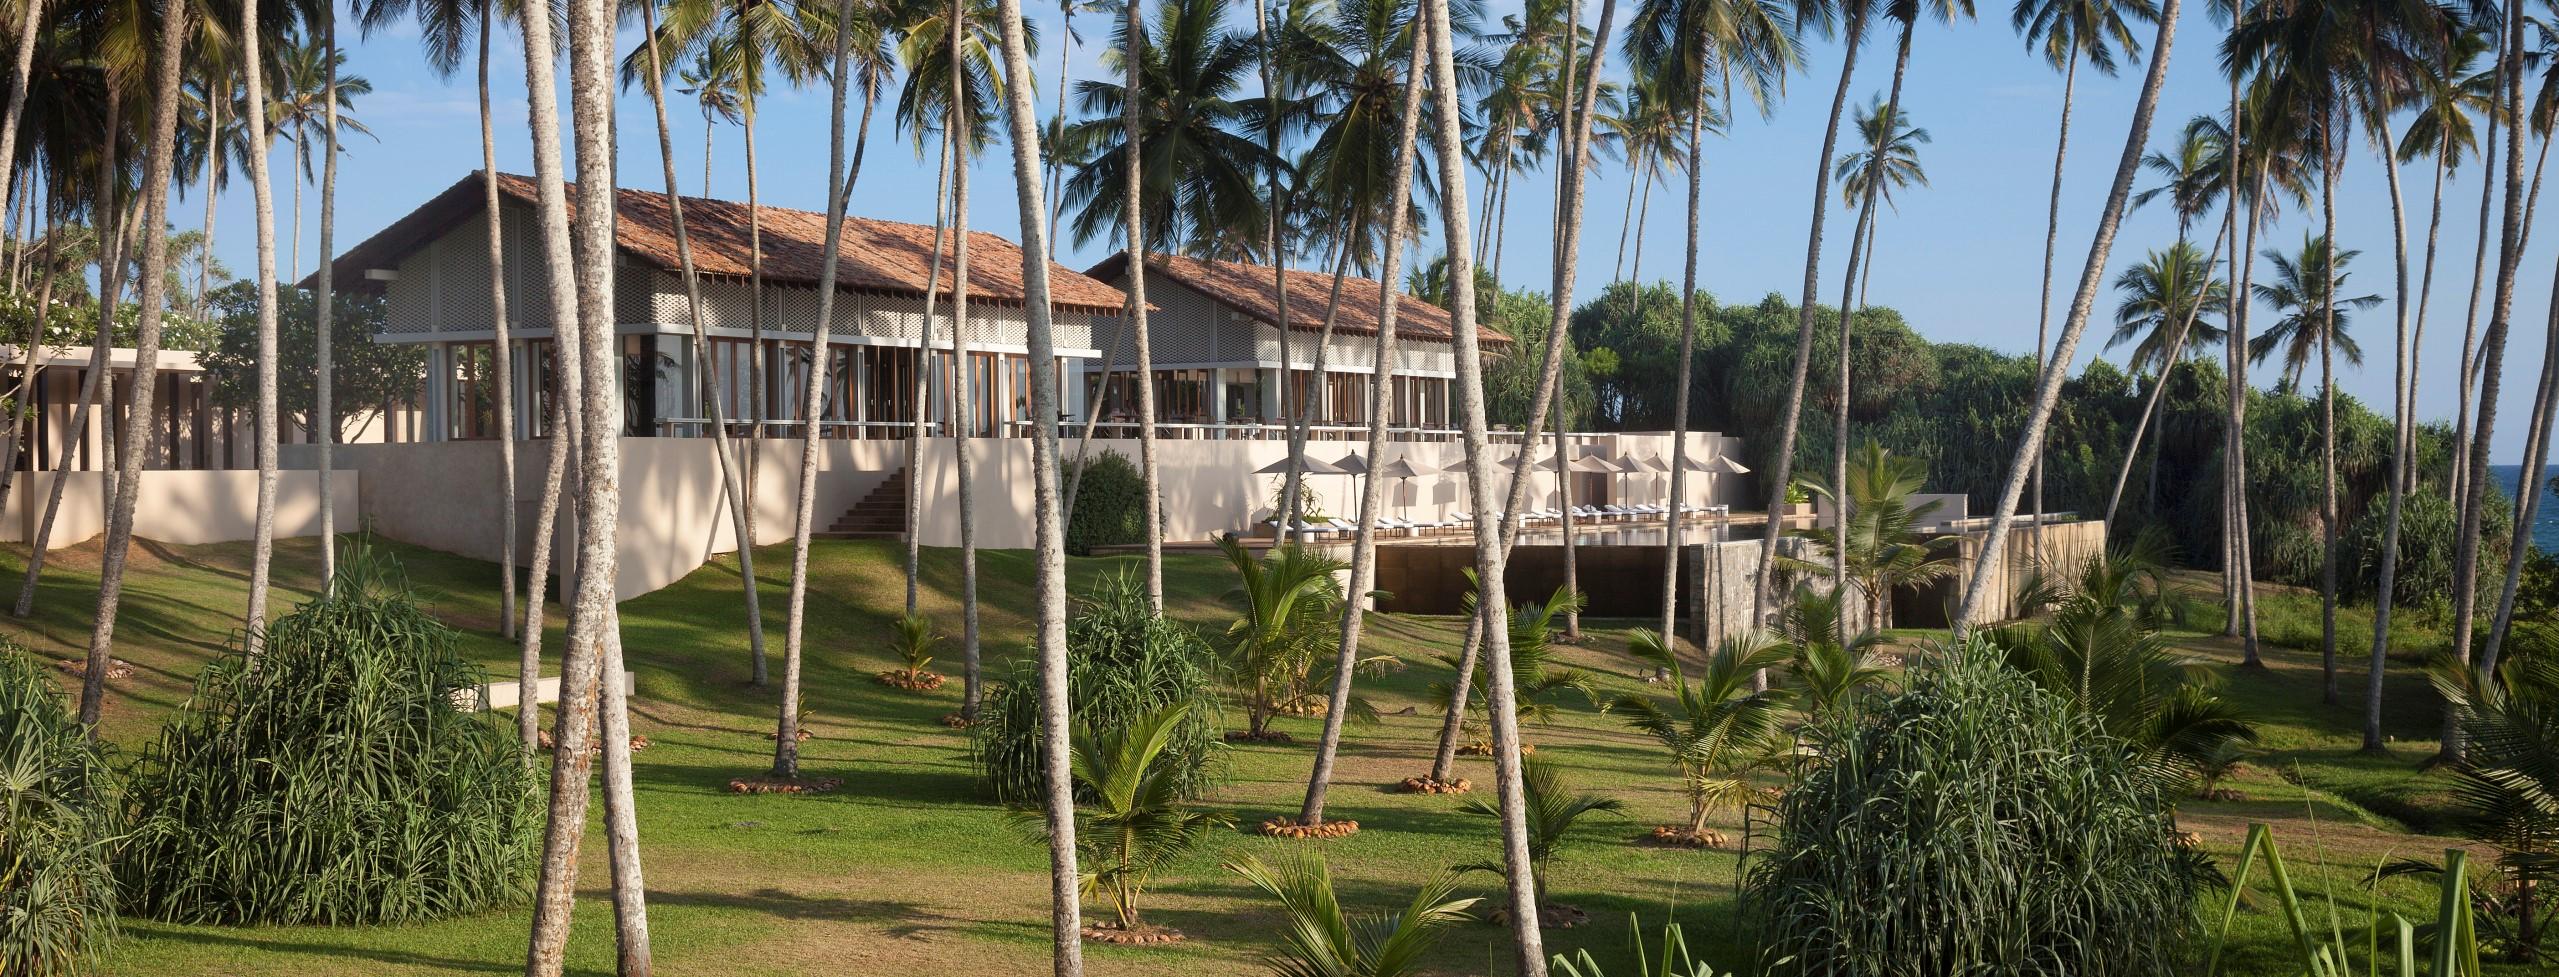 Amanwella-luxury-boutique-hotel-Sri-Lank